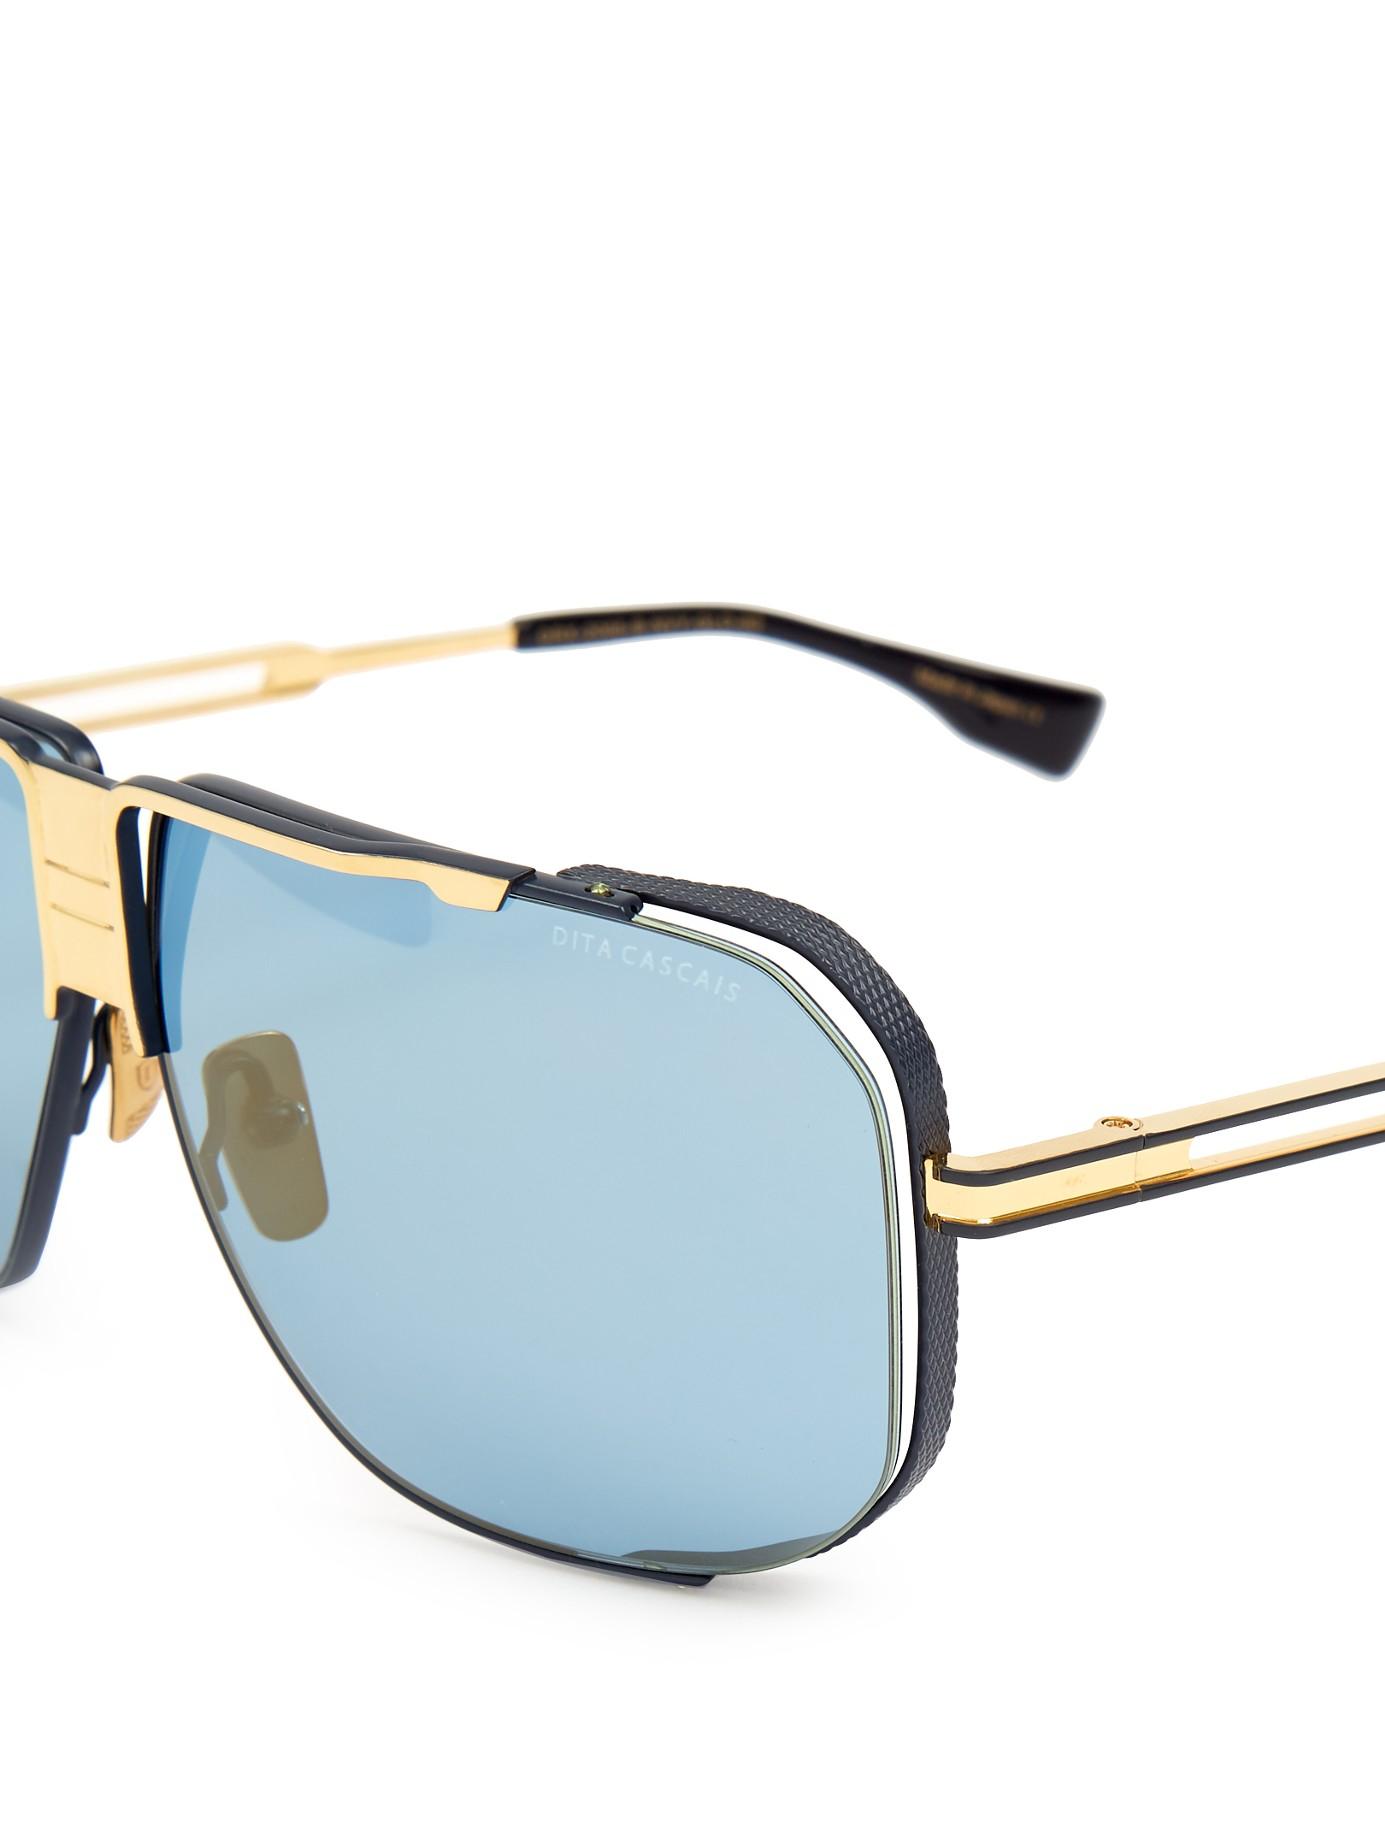 0c8e0d8e43e Dita Eyeglasses For Men